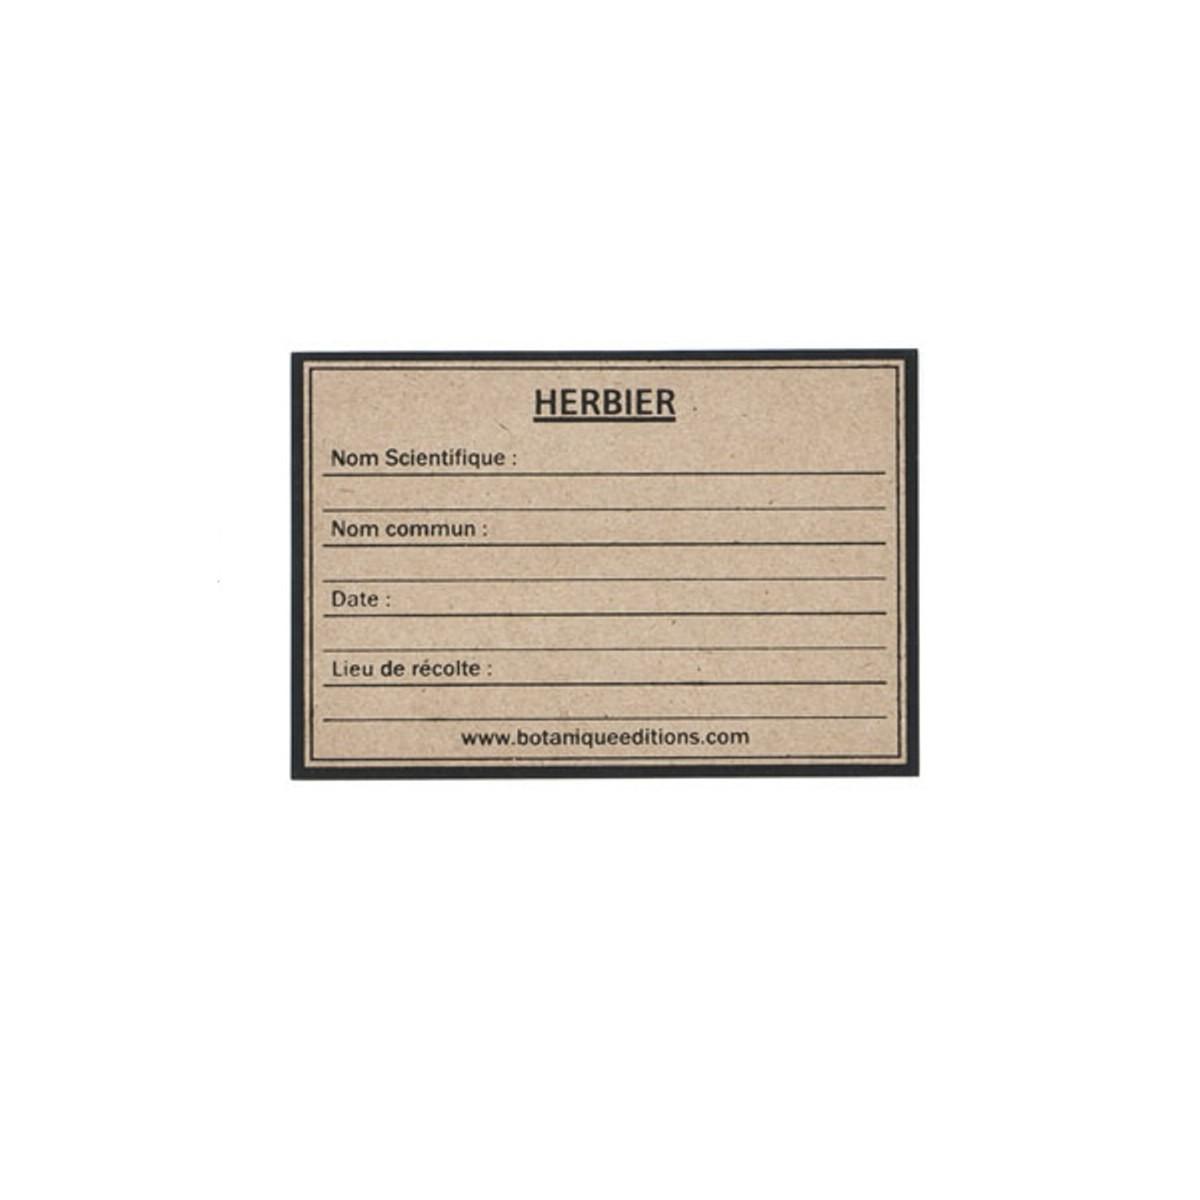 Bien-aimé Etiquettes pour Herbier Papier Kraft - Botanique Editions AA61